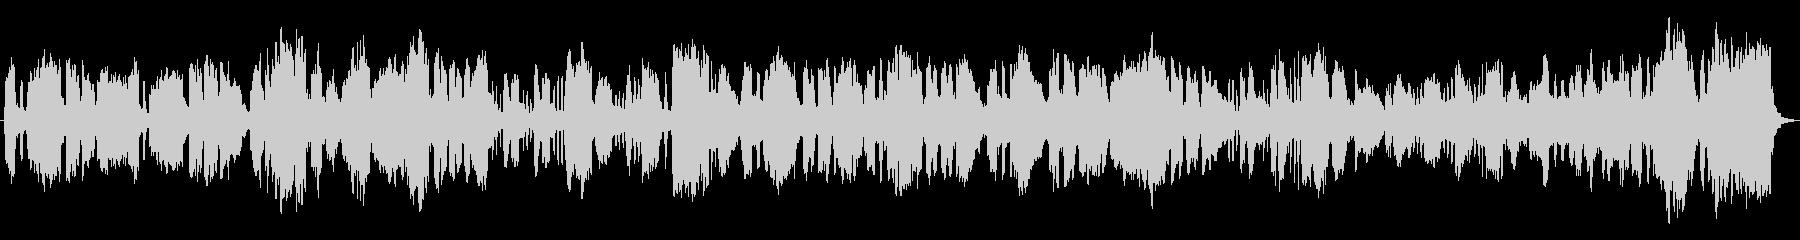 チェンバロがインパクトのあるクラシカル曲の未再生の波形